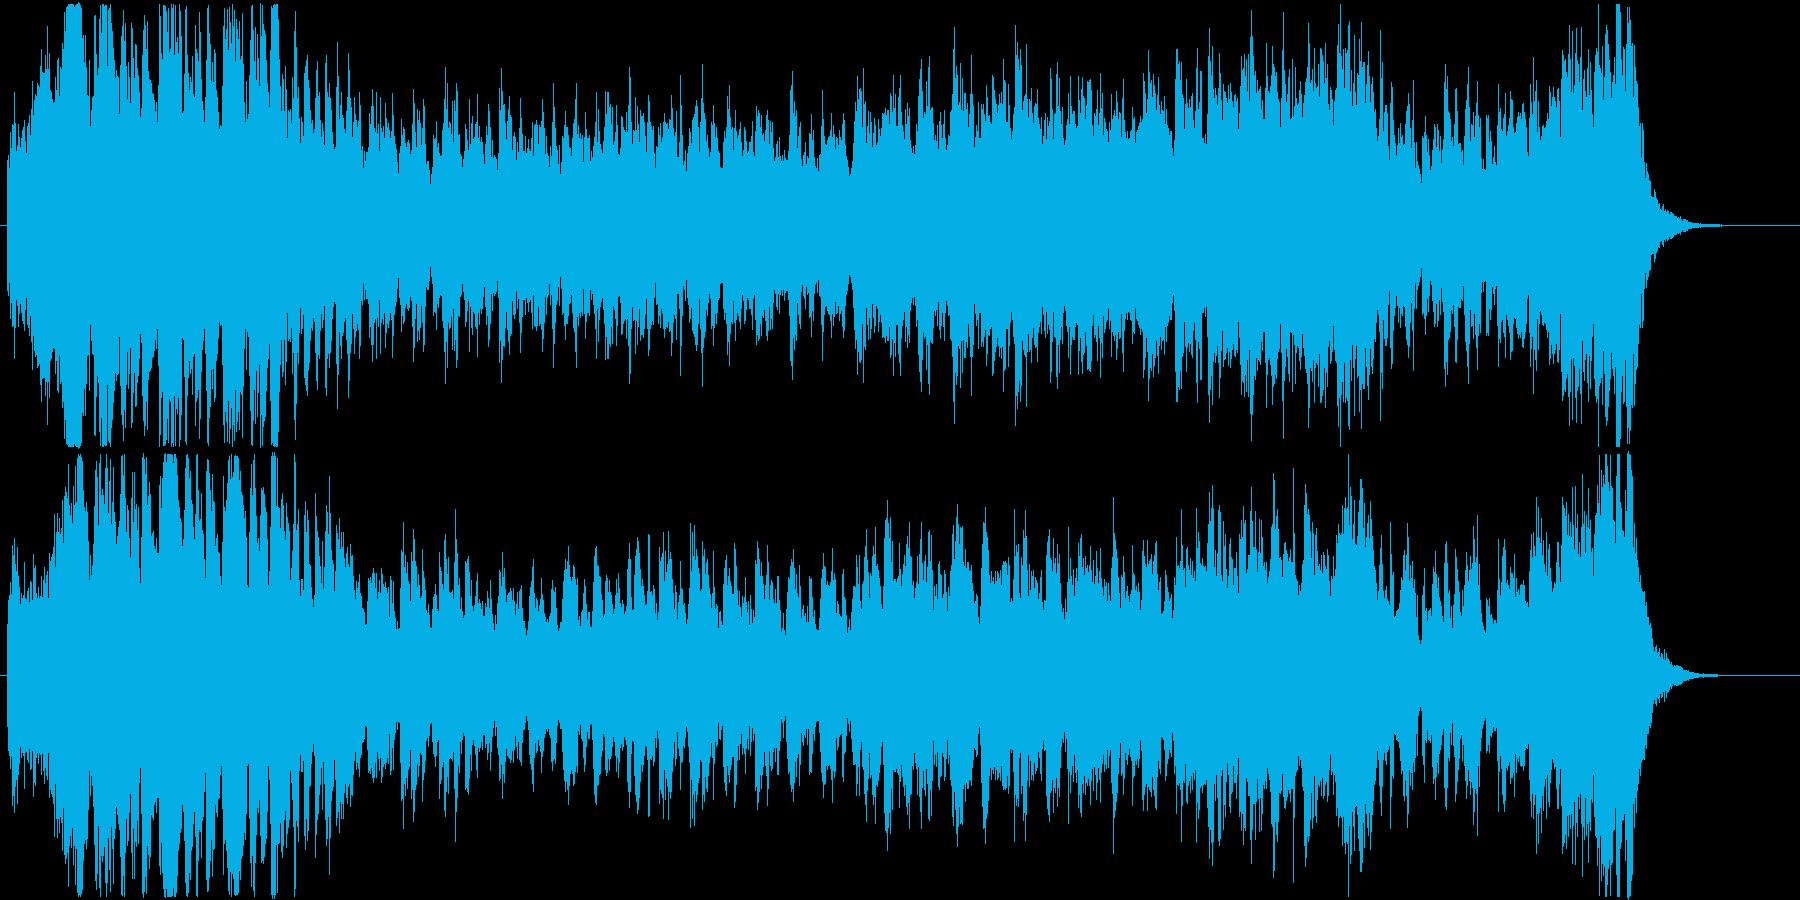 優雅な雰囲気のオーケストラワルツの再生済みの波形